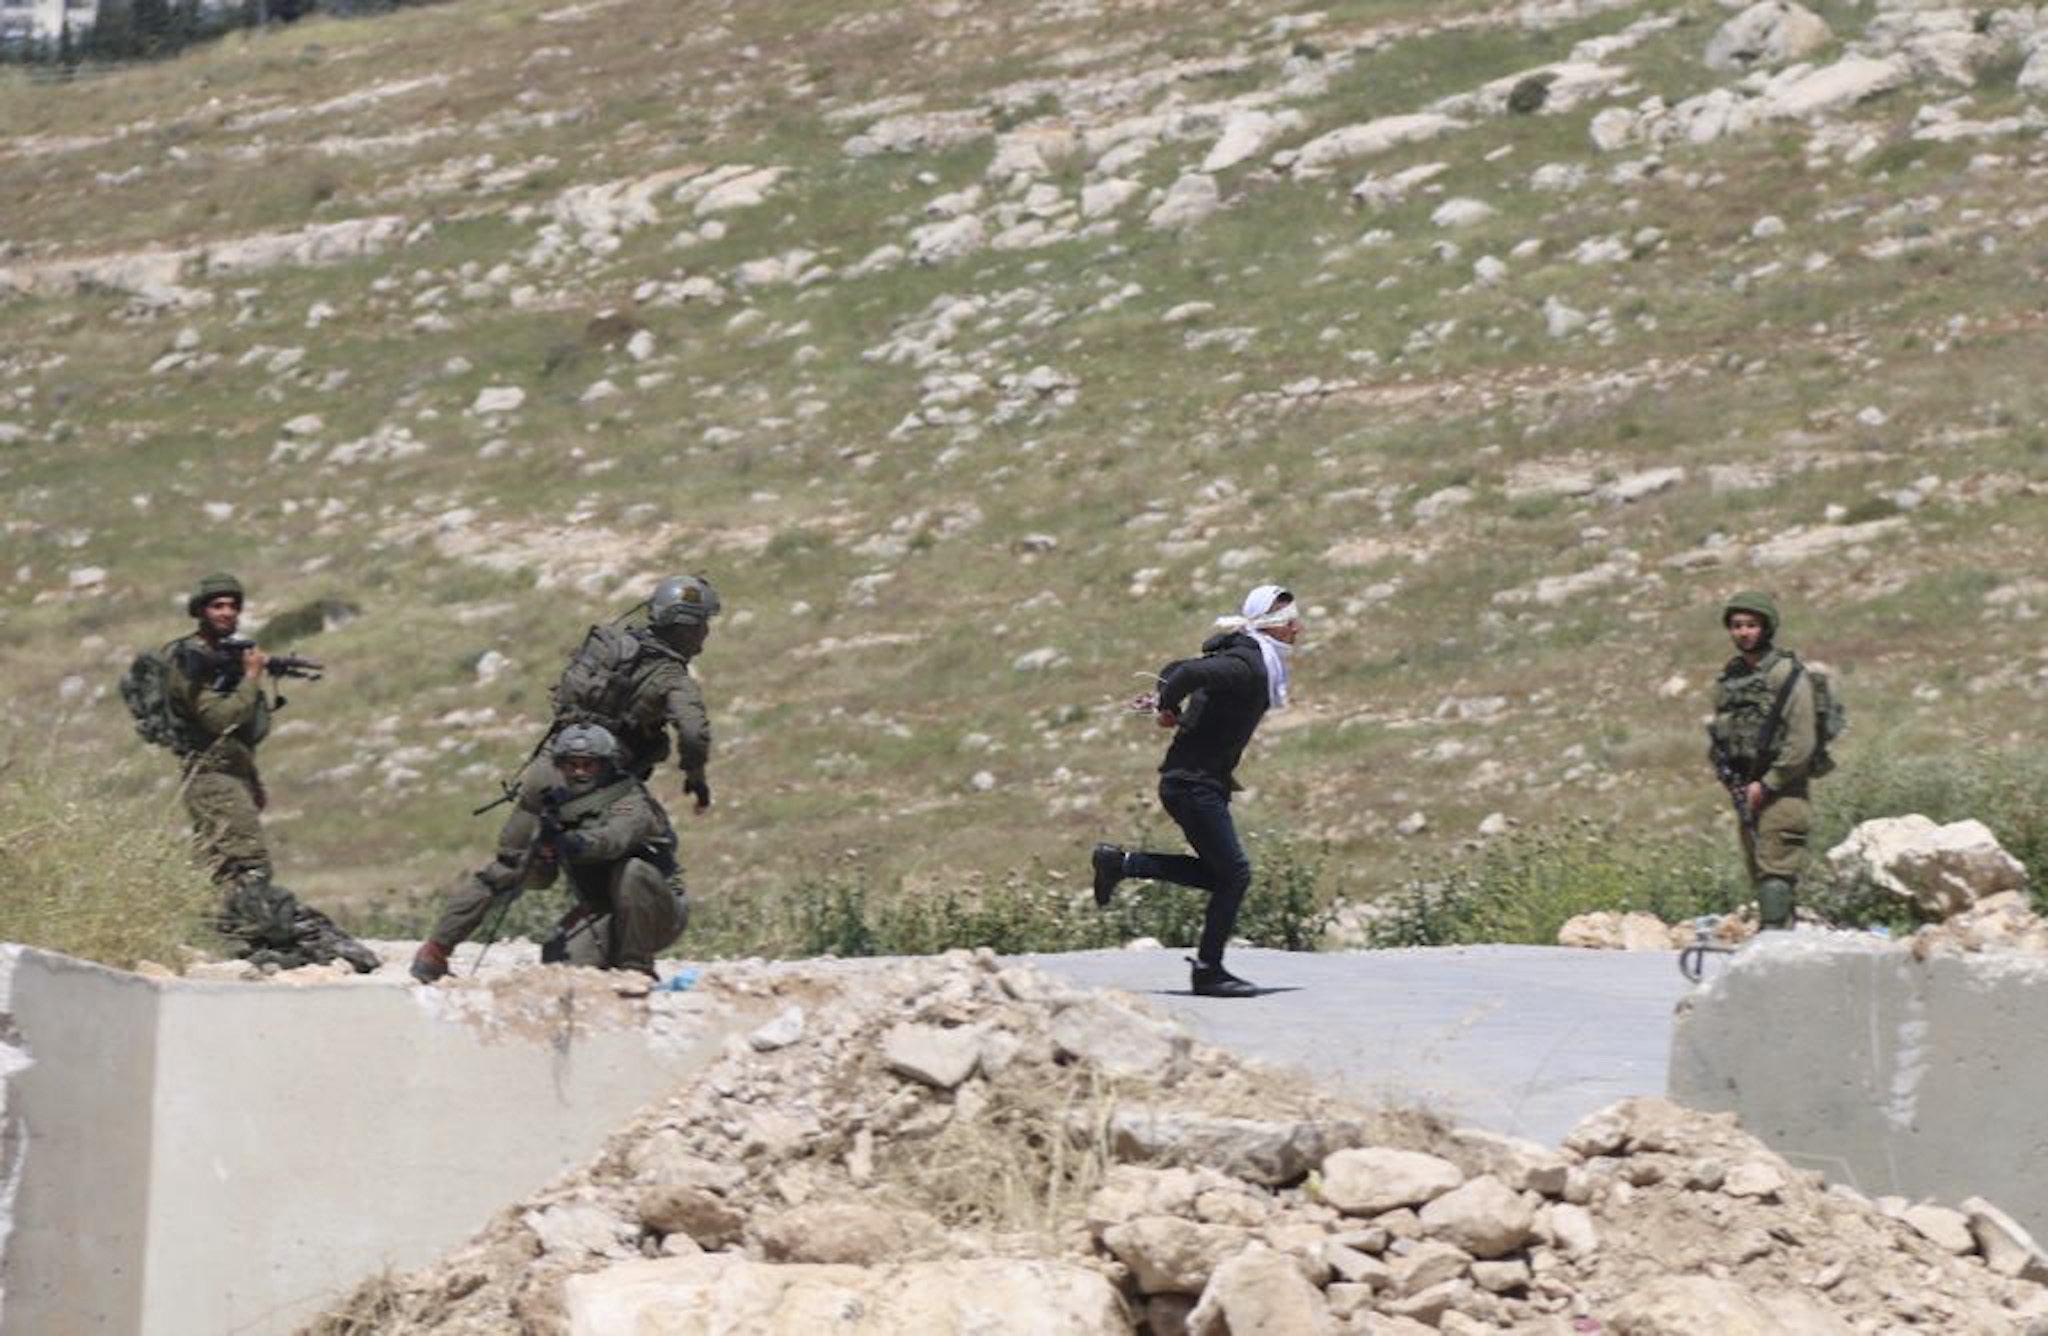 Soldados israelíes disparan a un menor palestino con los ojos vendados y